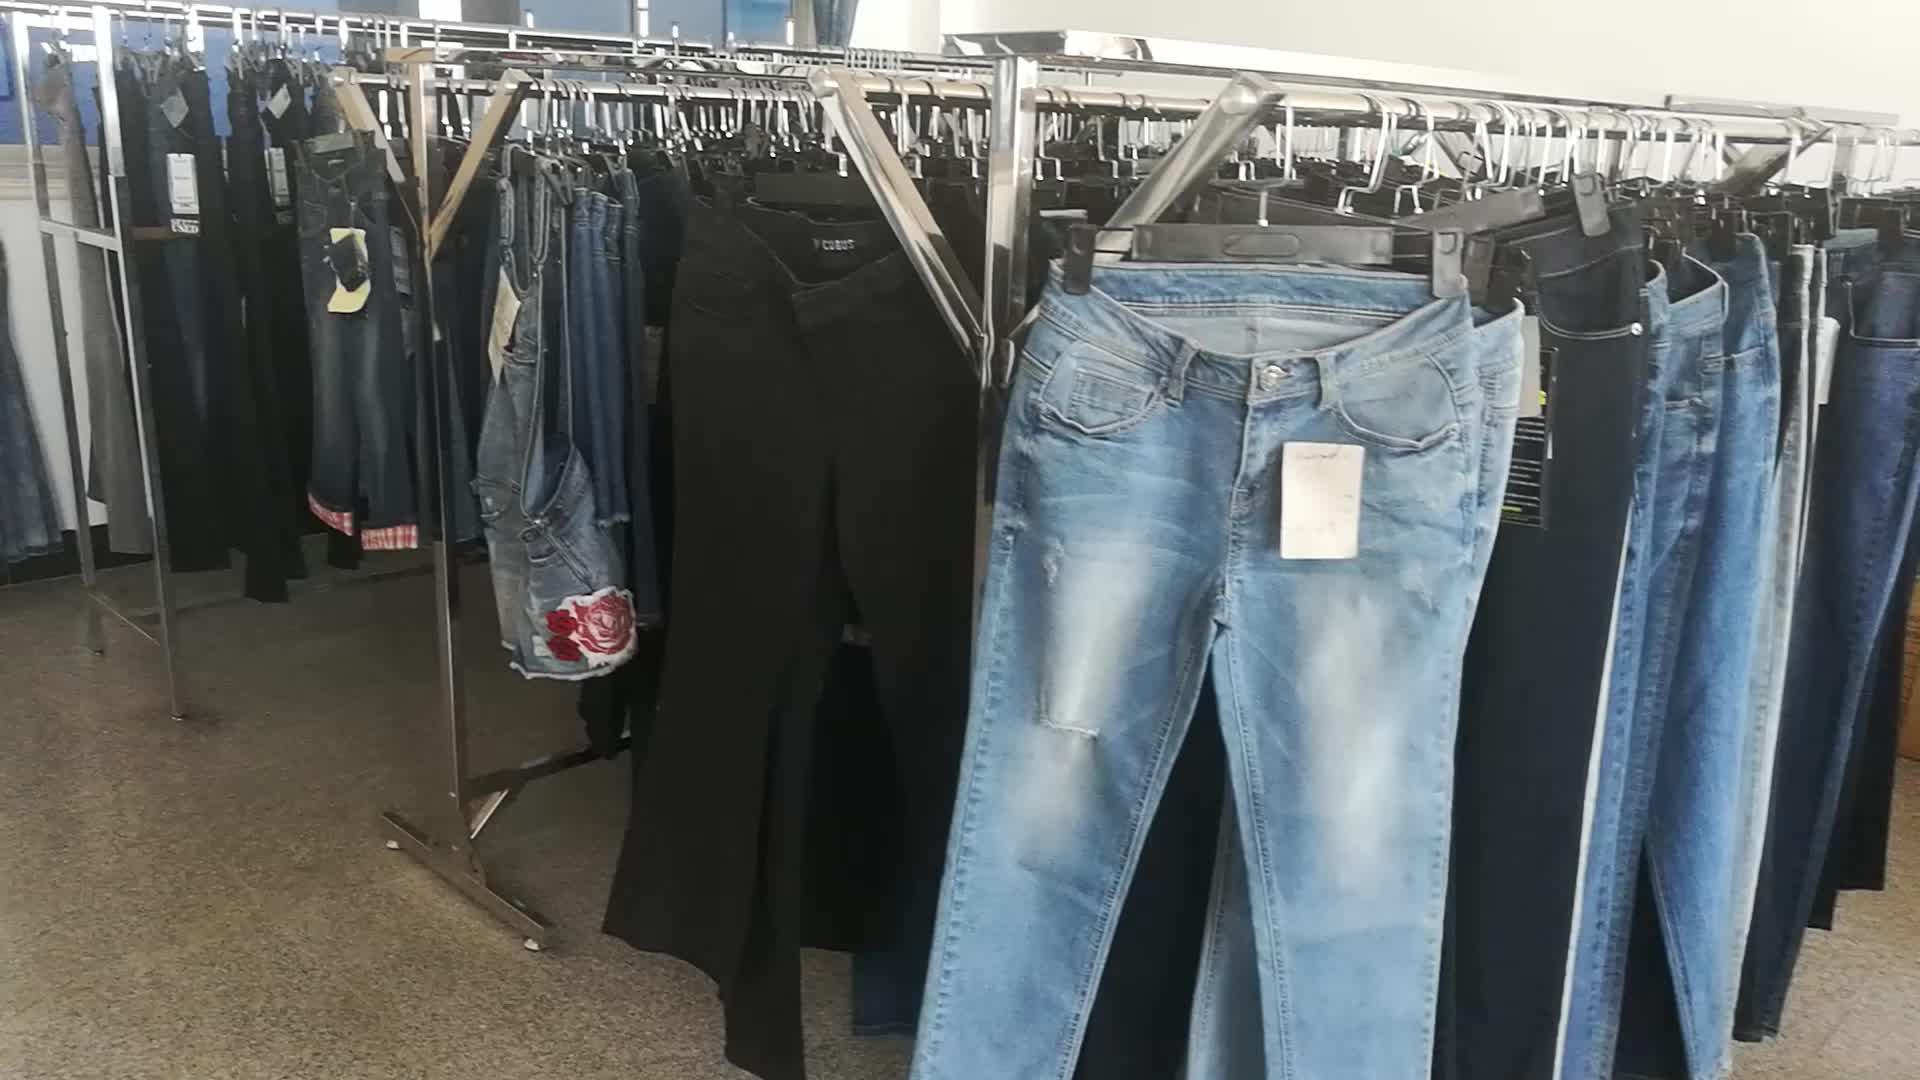 फट युवा लड़कियों सेक्सी आधा पैंट कपास लड़की सेक्स गर्म फैशन लघु जींस